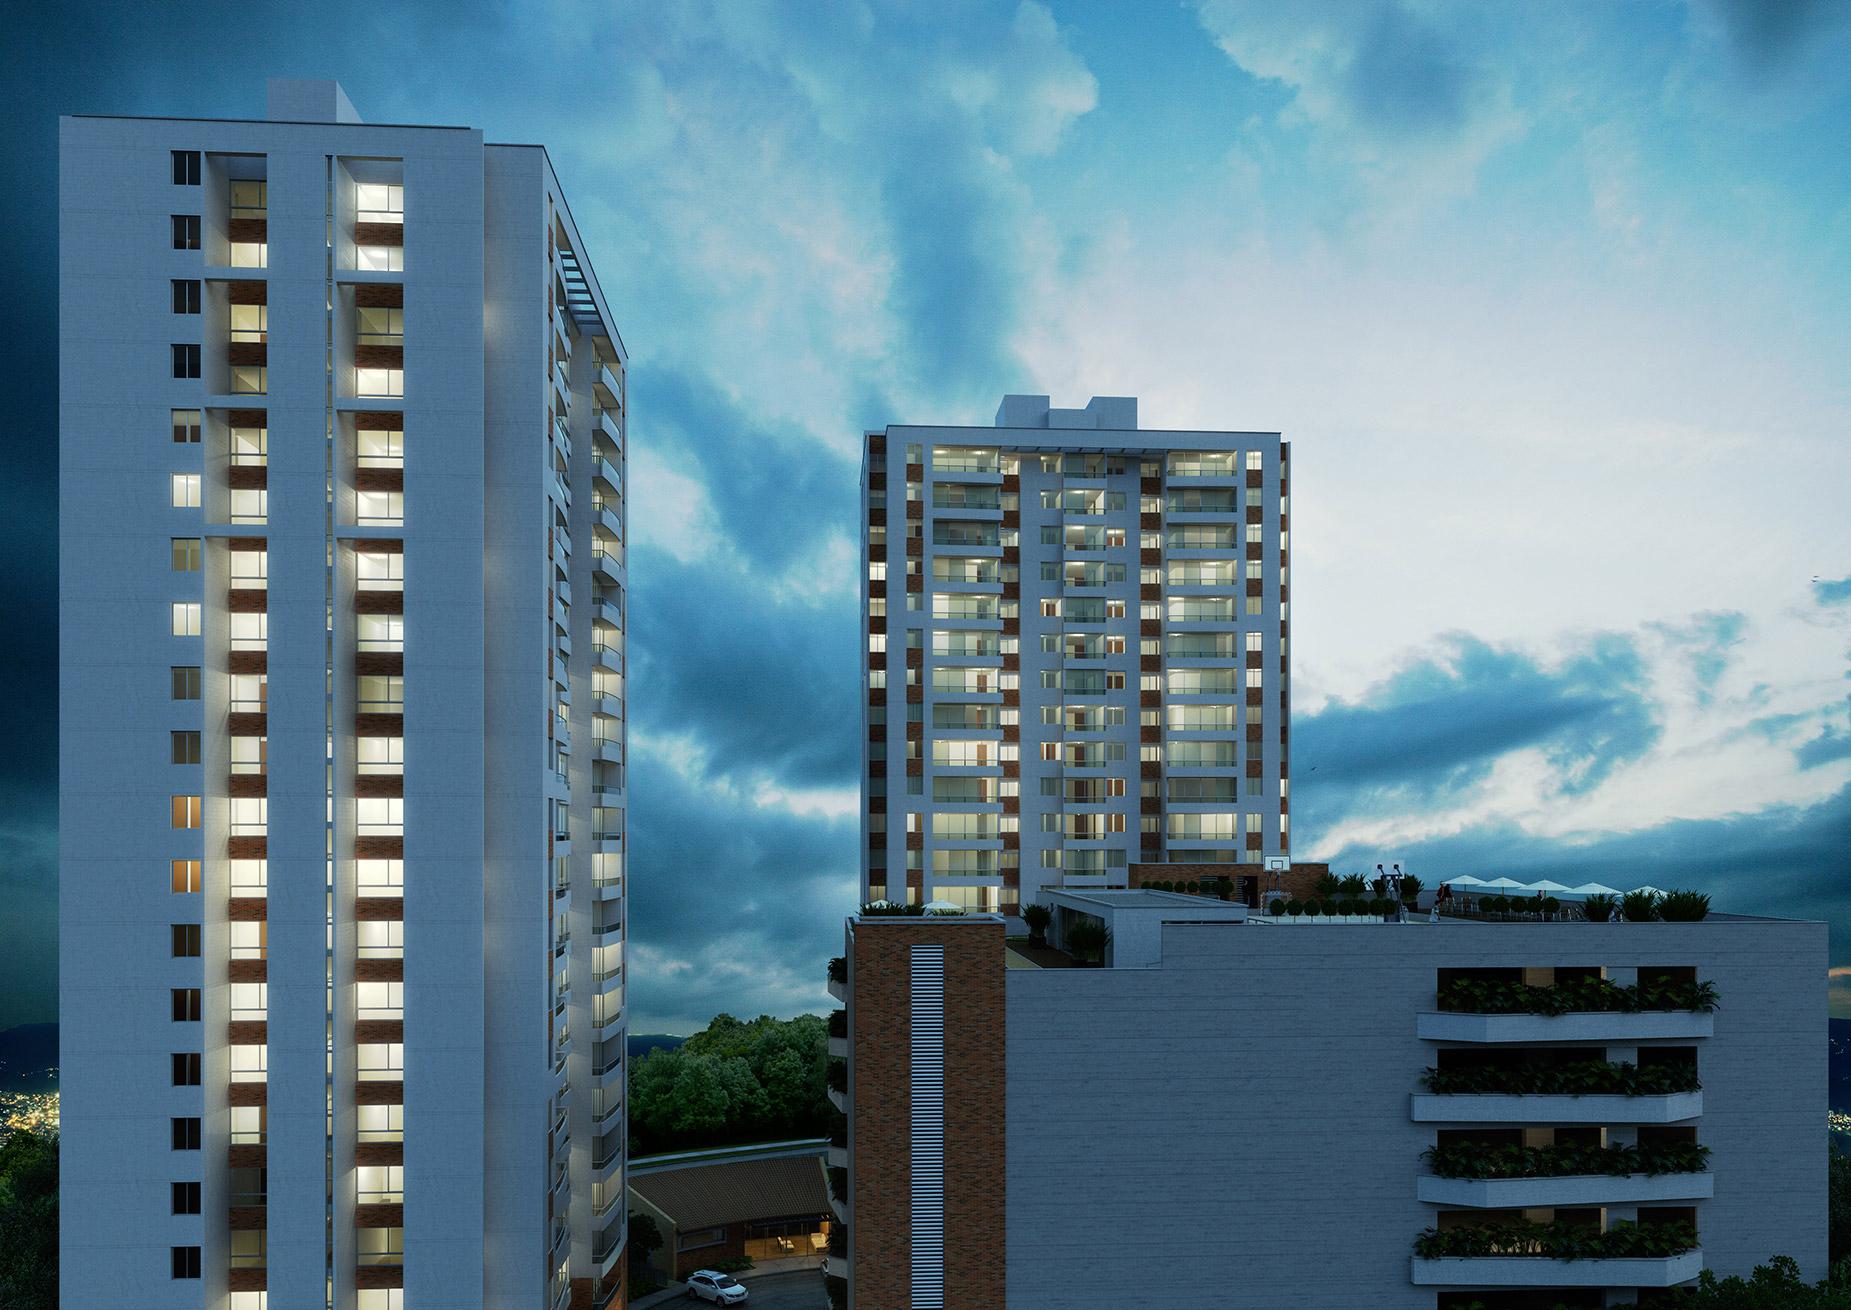 Crear Cimientos tiene apartamentos en sabaneta de Manzana Once vista 1